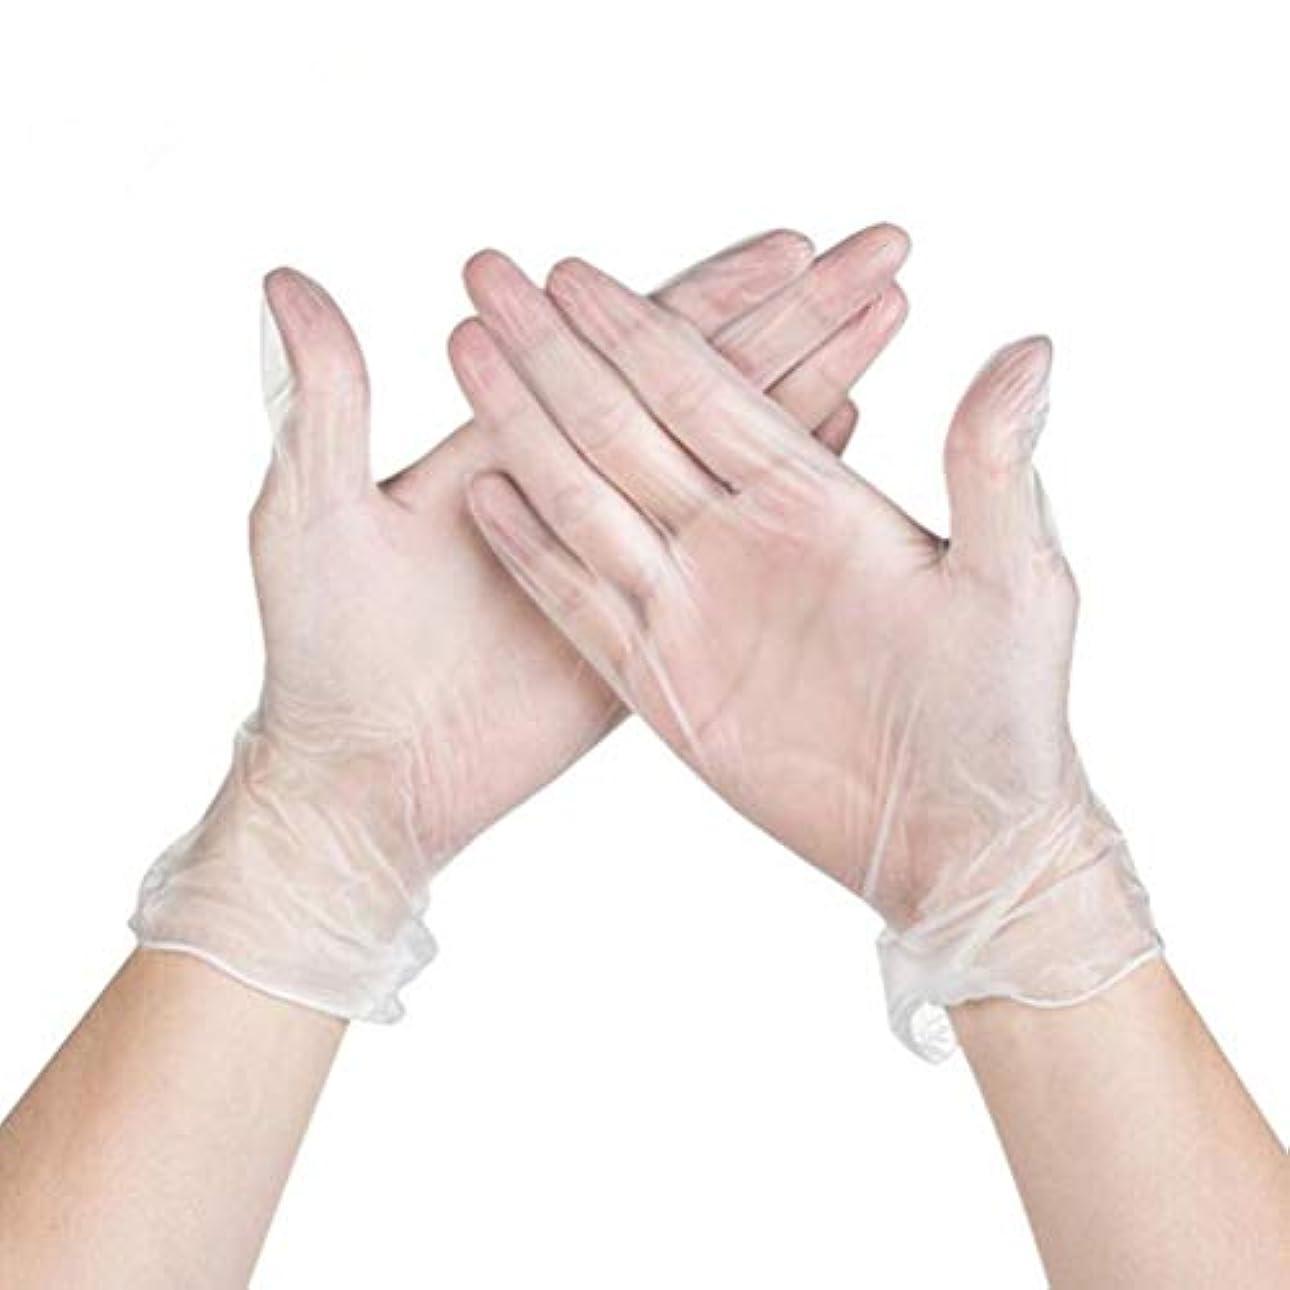 古代ランク群れUPKOCH 透明使い捨てタトゥー手袋ニトリル手袋メディカルクリーニングキッチン調理手袋1個